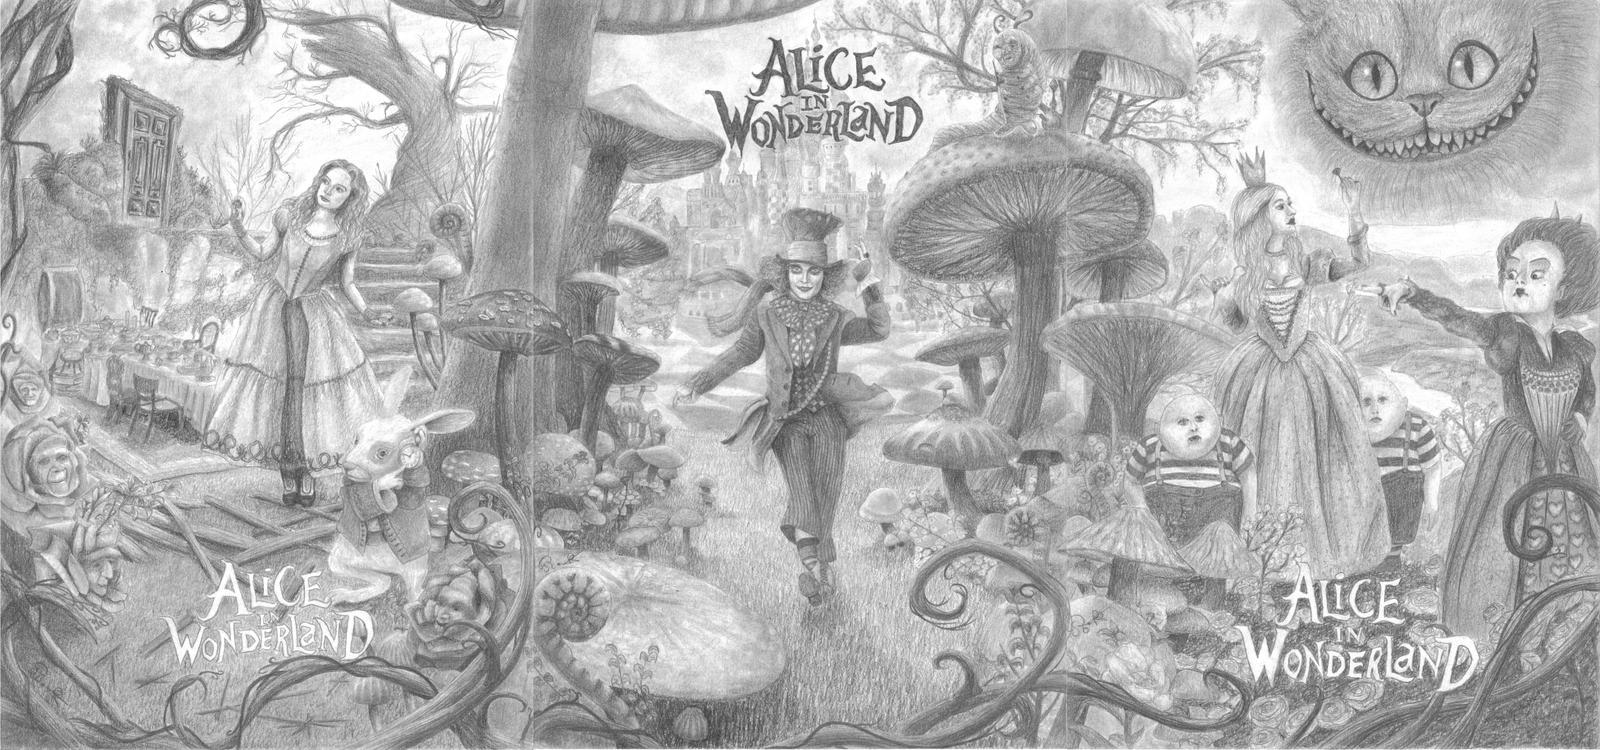 Uncategorized Drawings Of Alice In Wonderland alice in wonderland by one film drawing on deviantart drawing